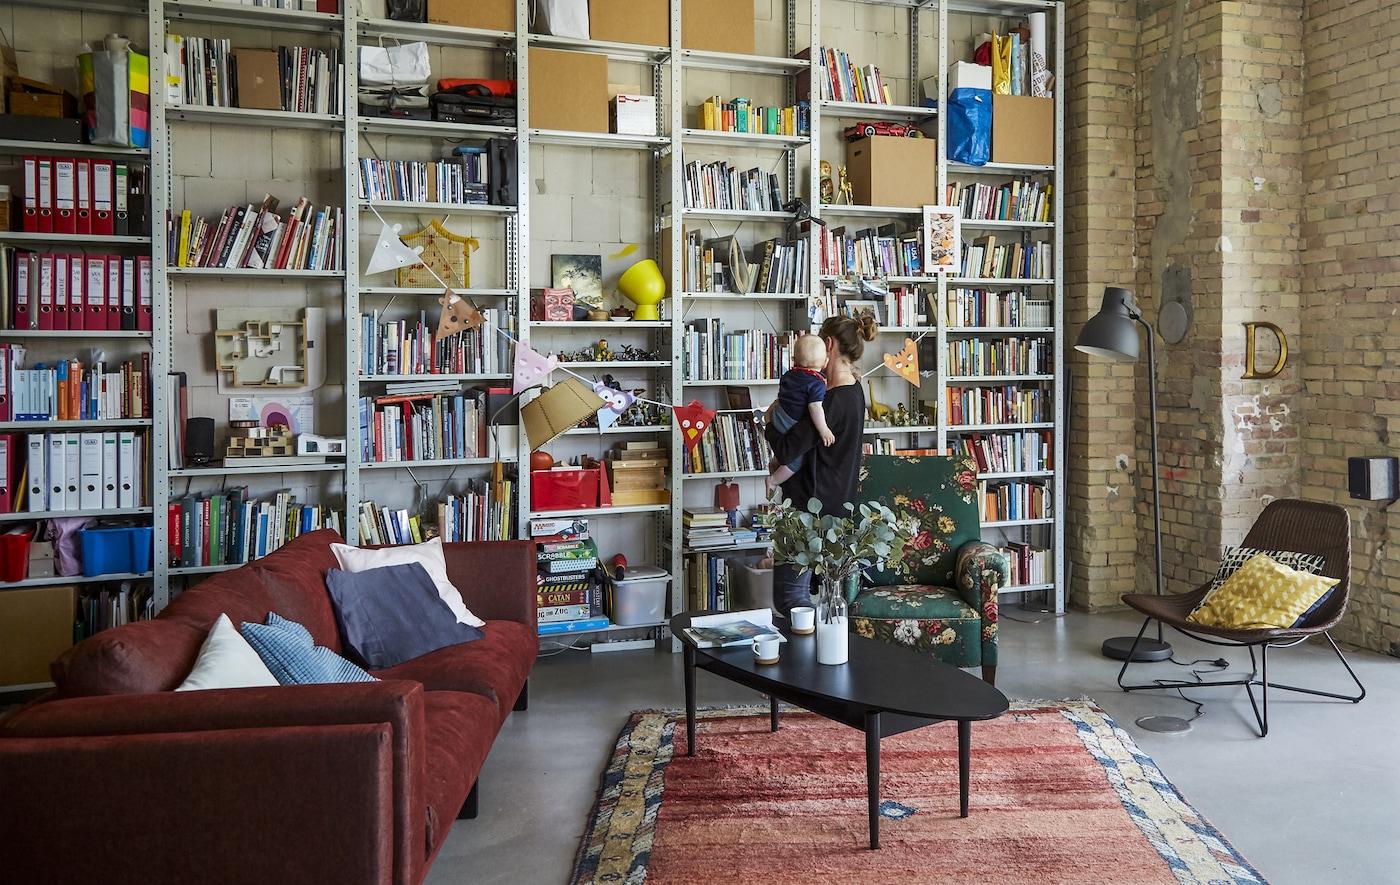 Séjour avec canapé rouge et mur d'étagères.